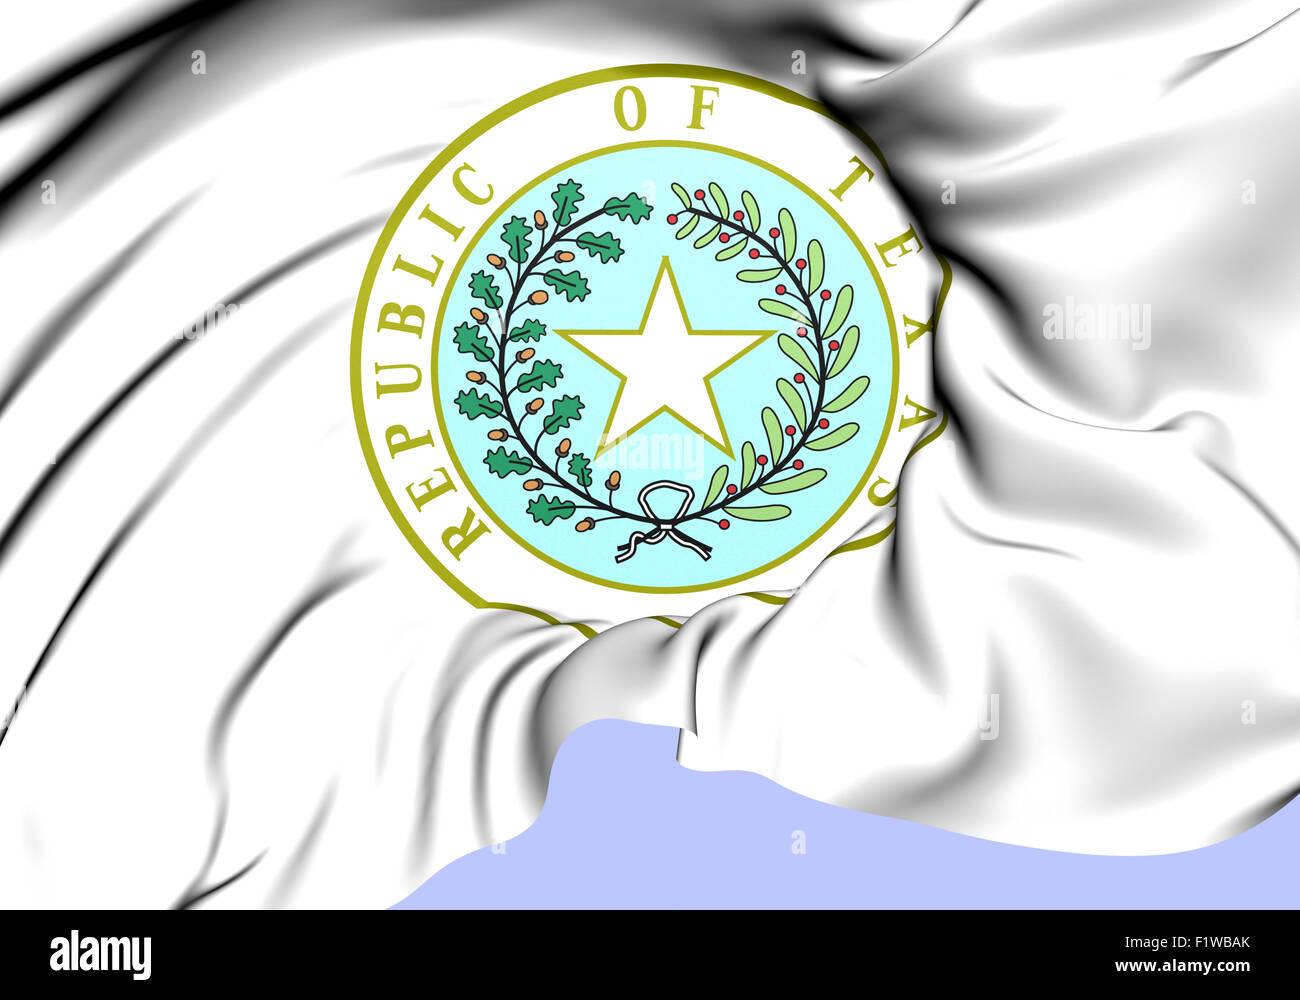 Fein New York State Flag Färbung Seite Ideen - Malvorlagen-Ideen ...